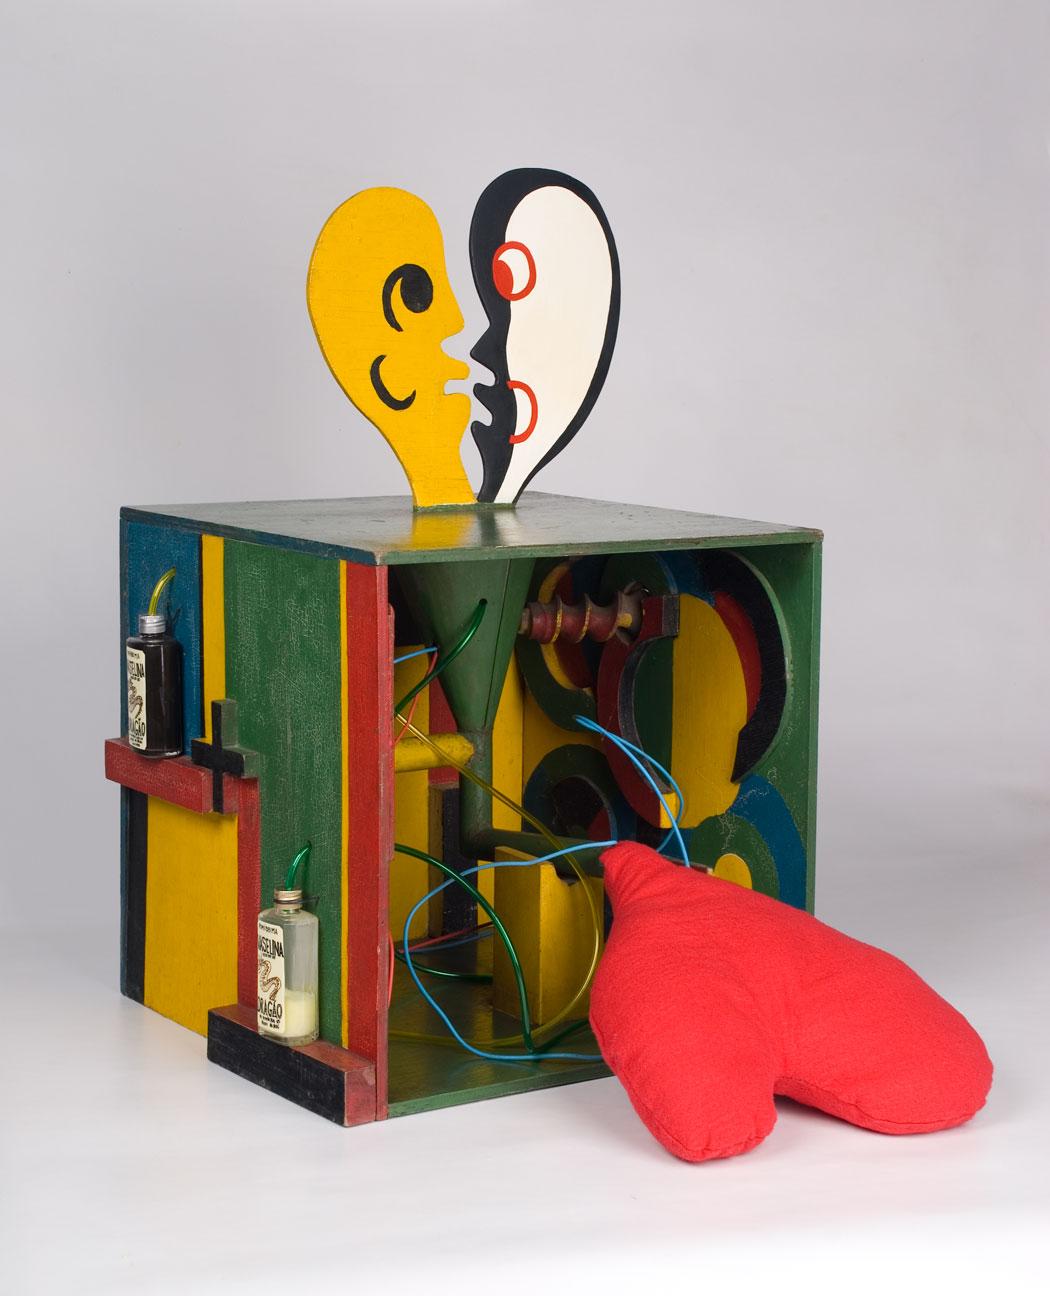 Teresinha Soares, Caixa de fazer amor, 1968, objeto